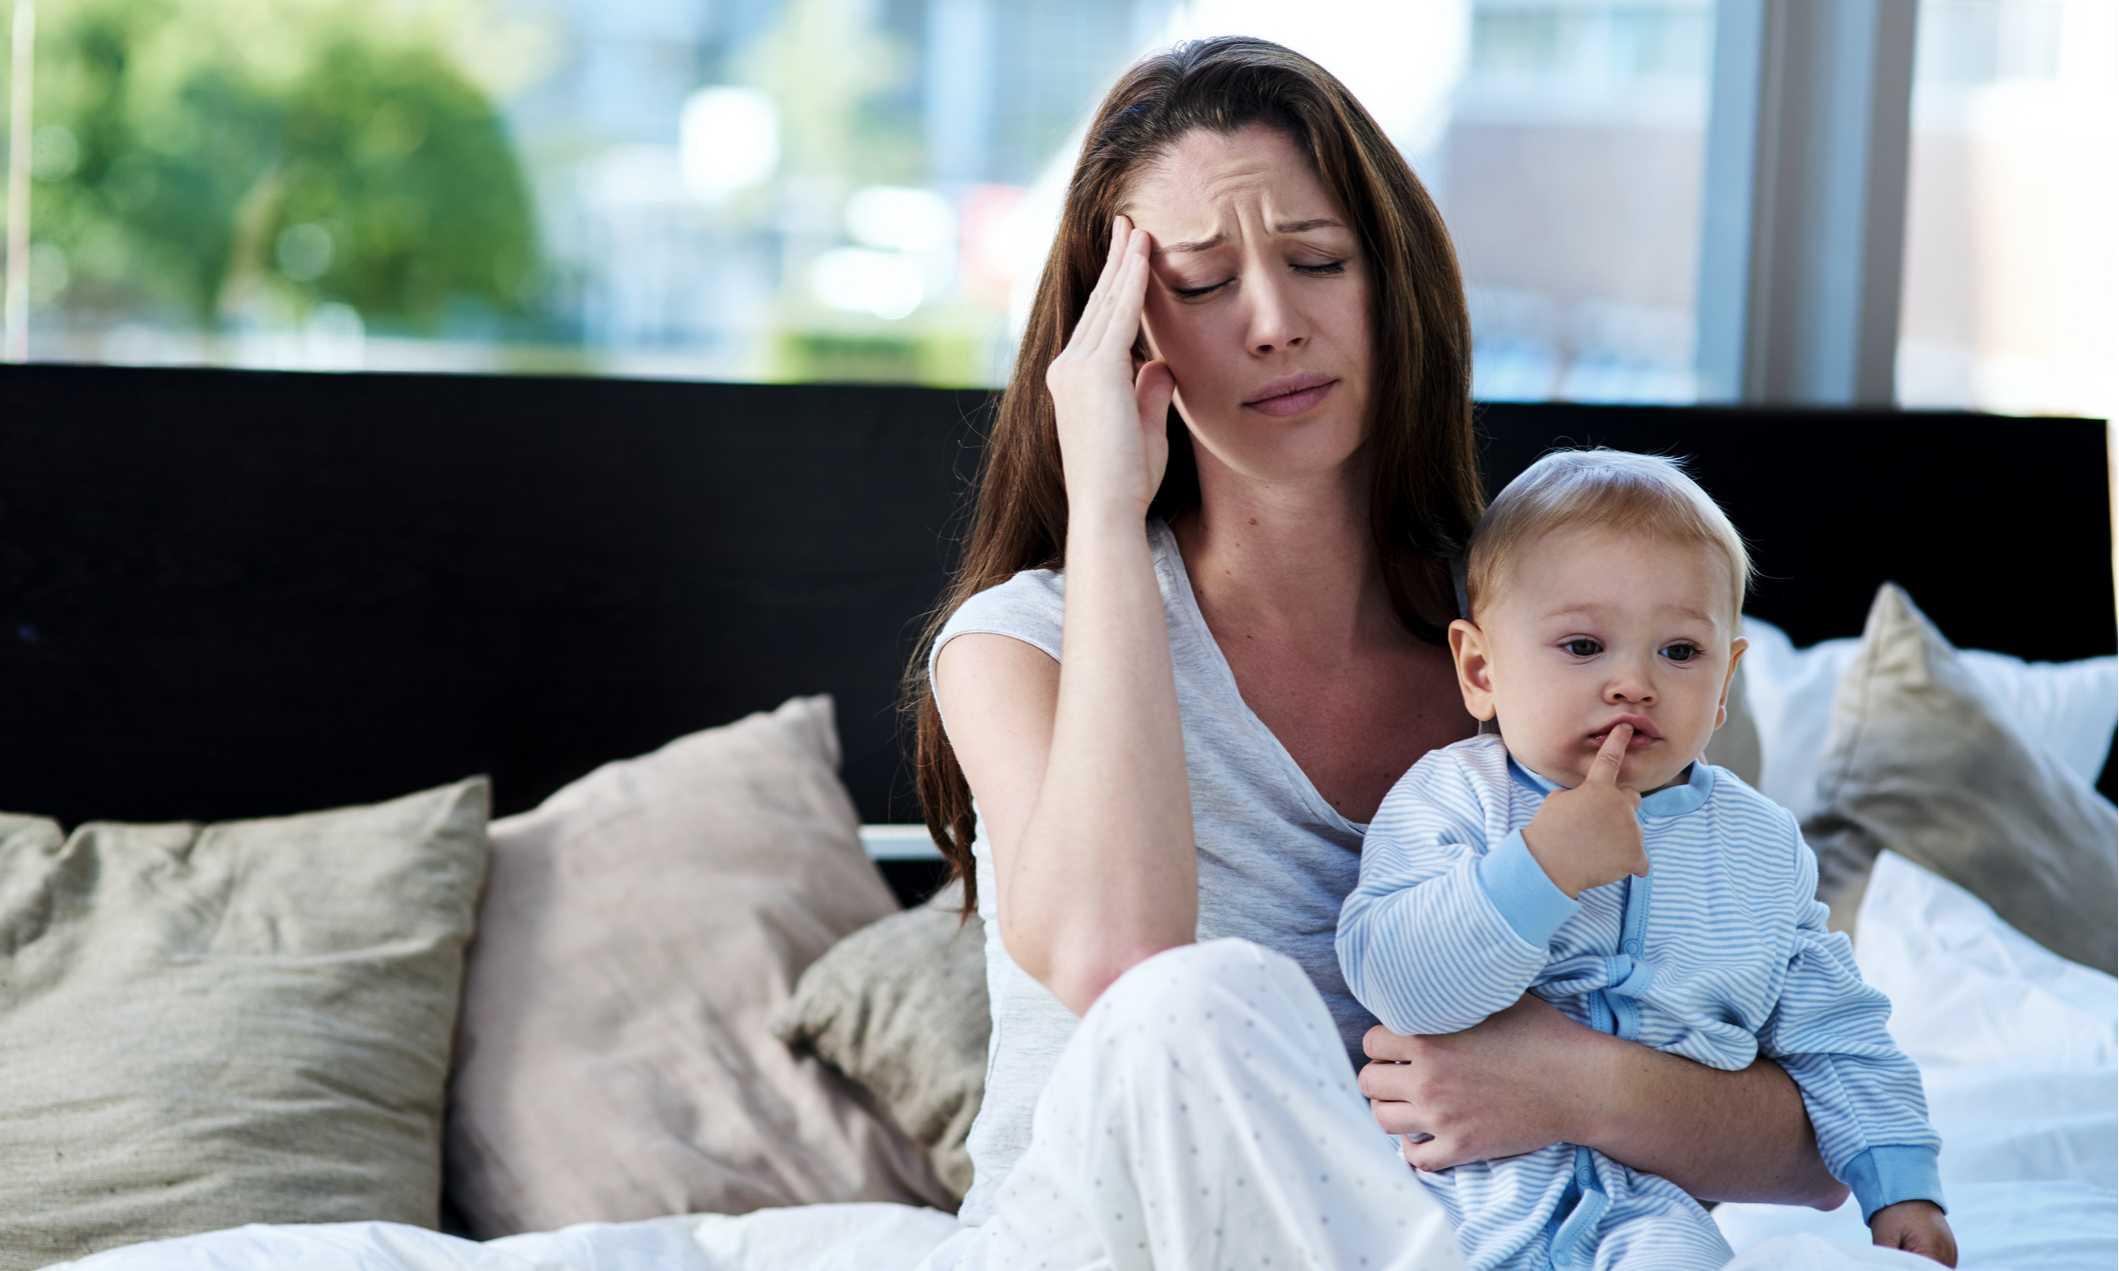 Послеродовая депрессия: симптомы и признаки, как бороться